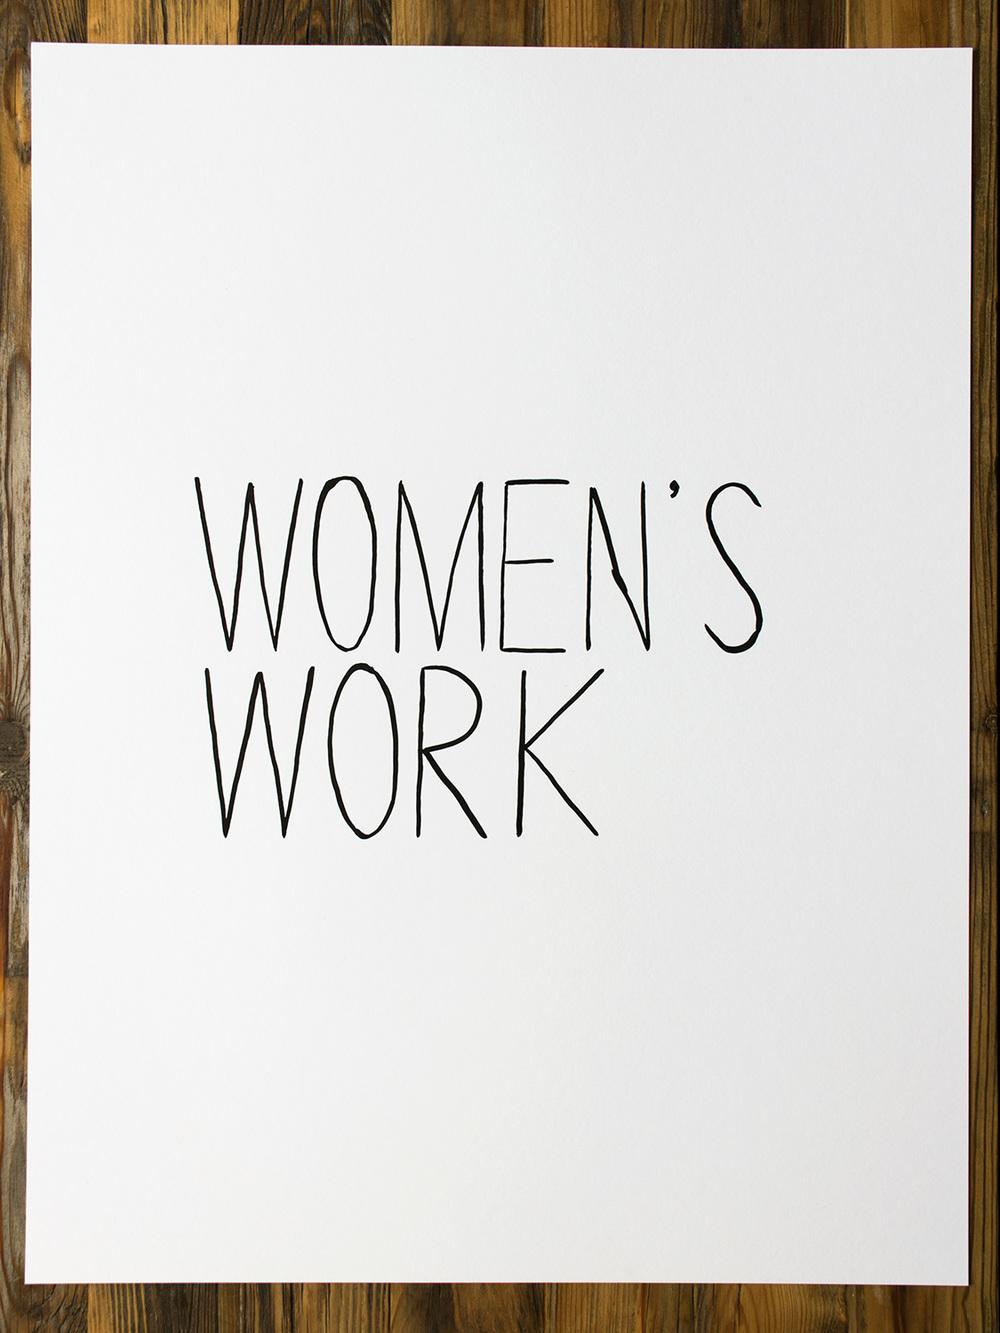 womens_work-1500x1125.jpg